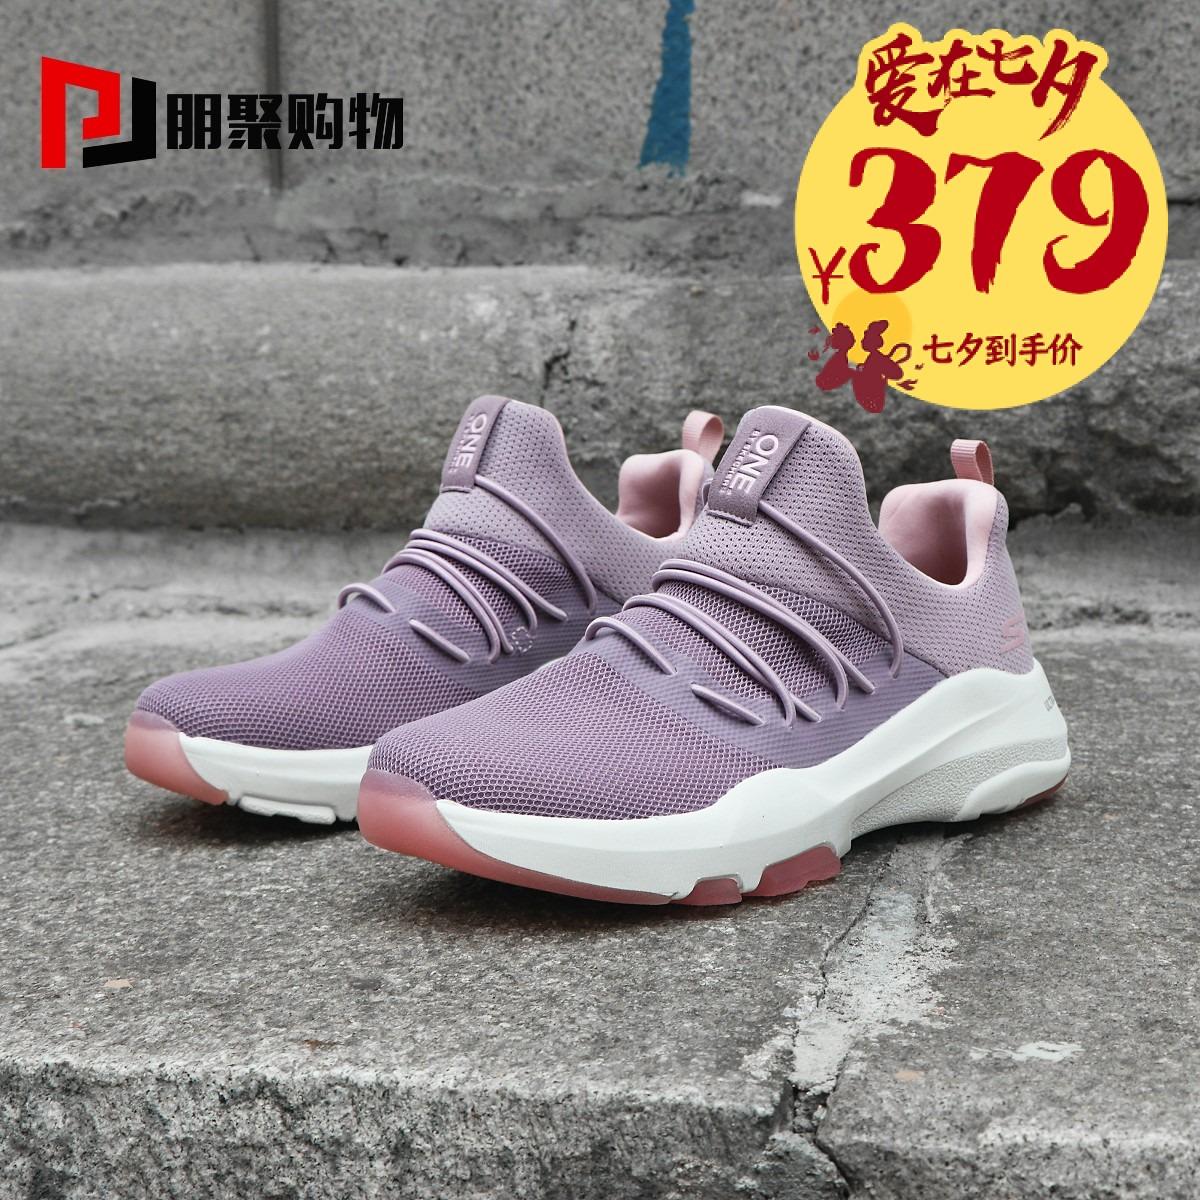 朋聚Skechers斯凯奇女鞋18年新款运动跑步鞋18002